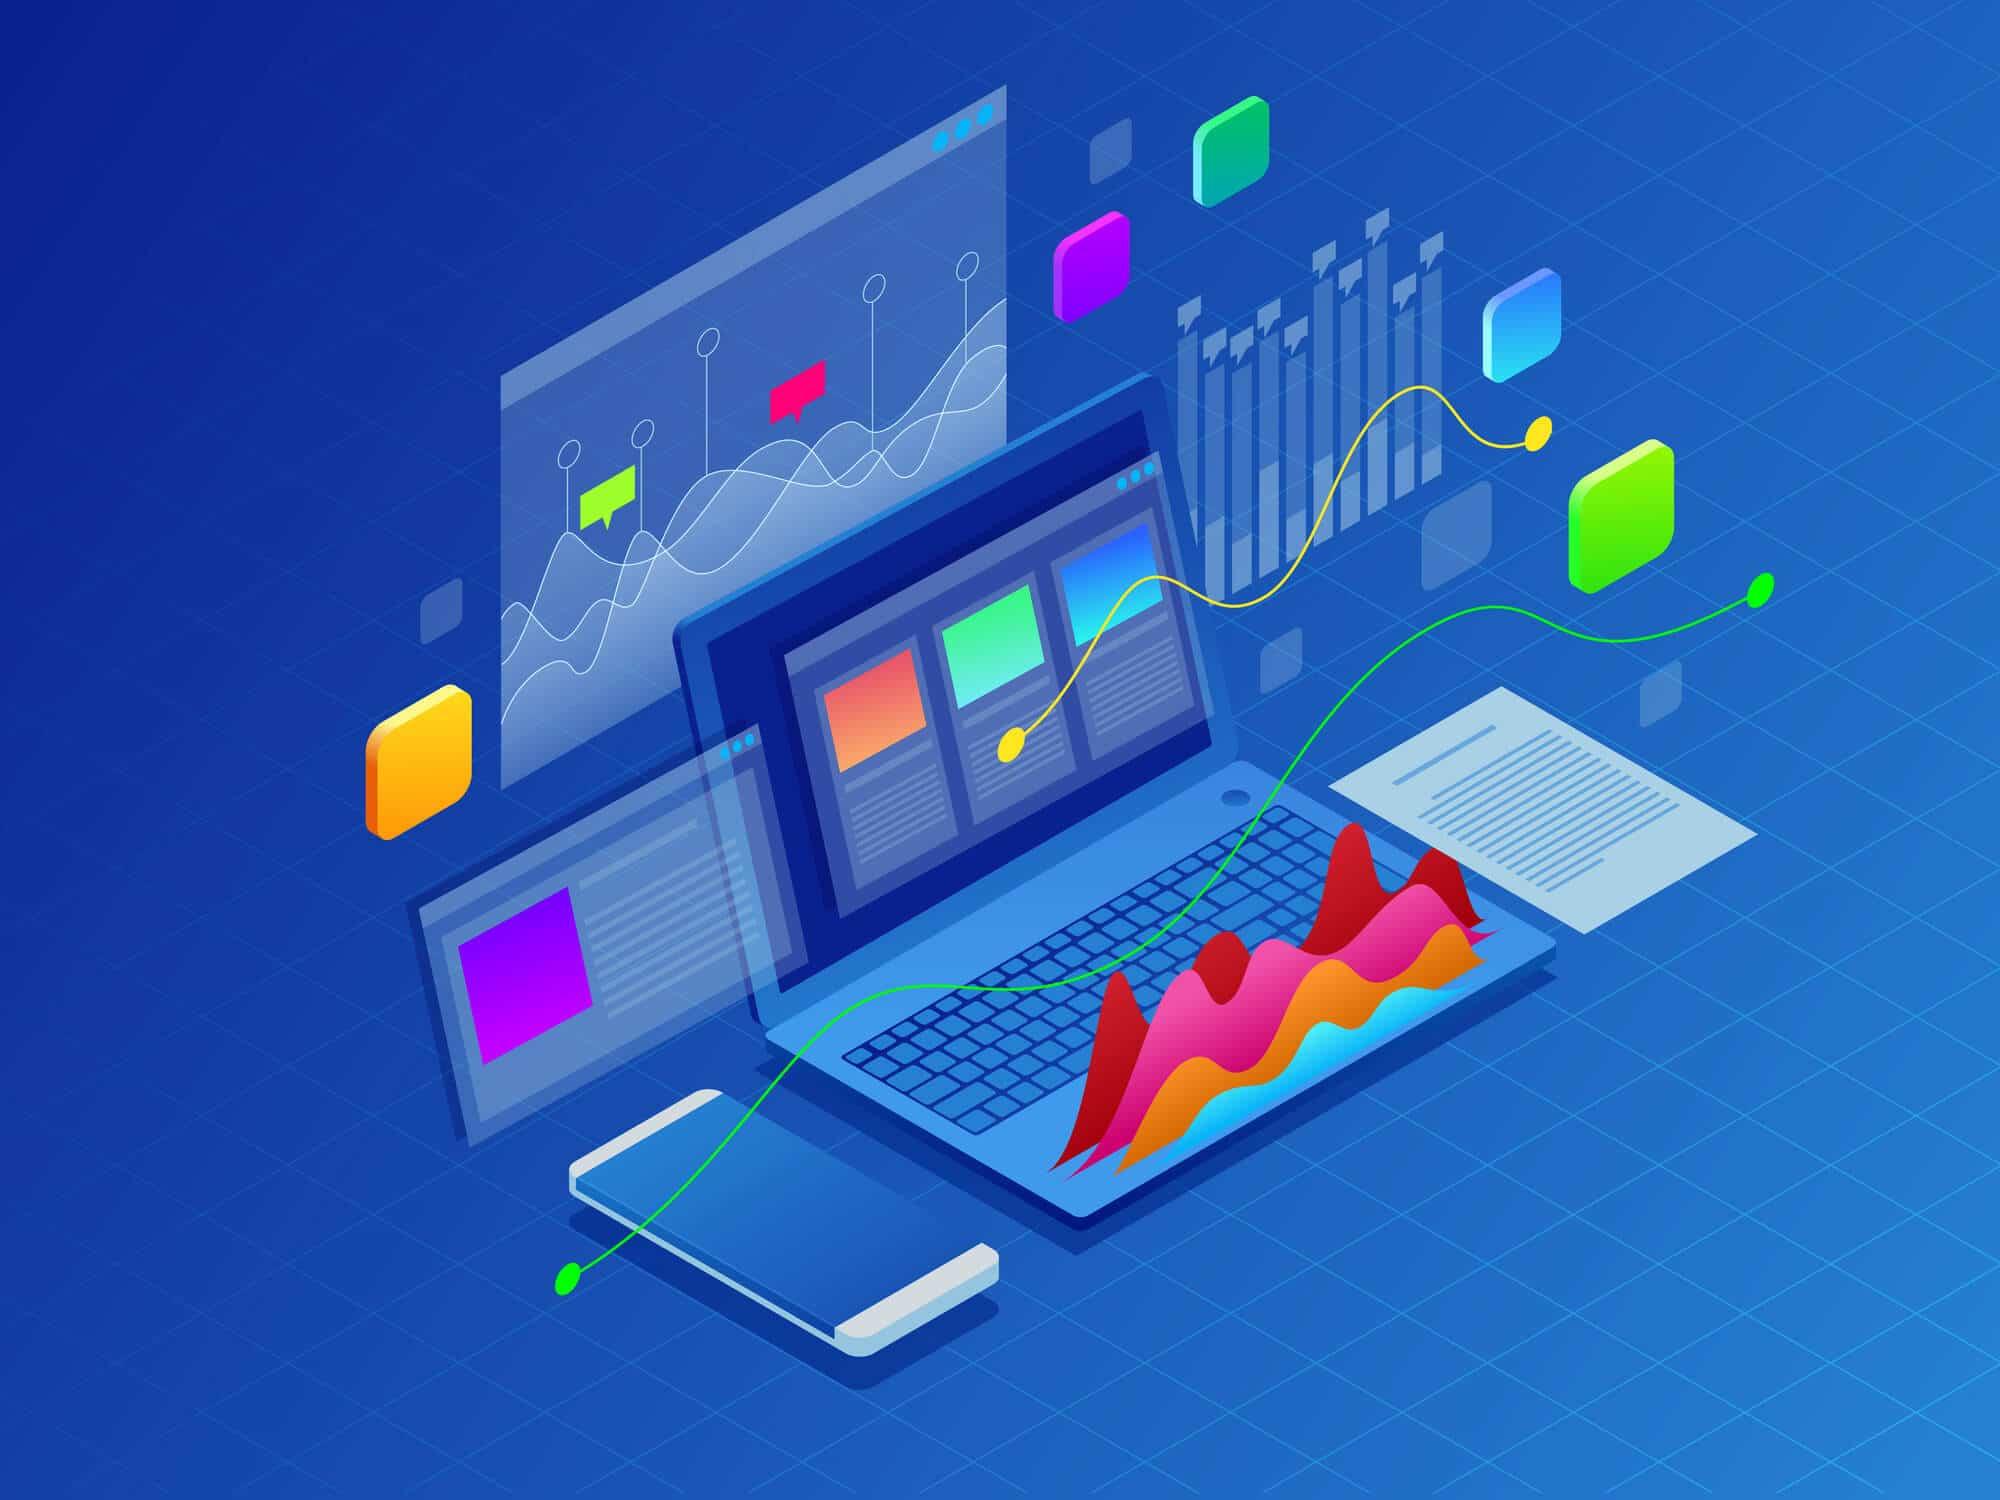 Como deve ser a coleta de dados em uma empresa?